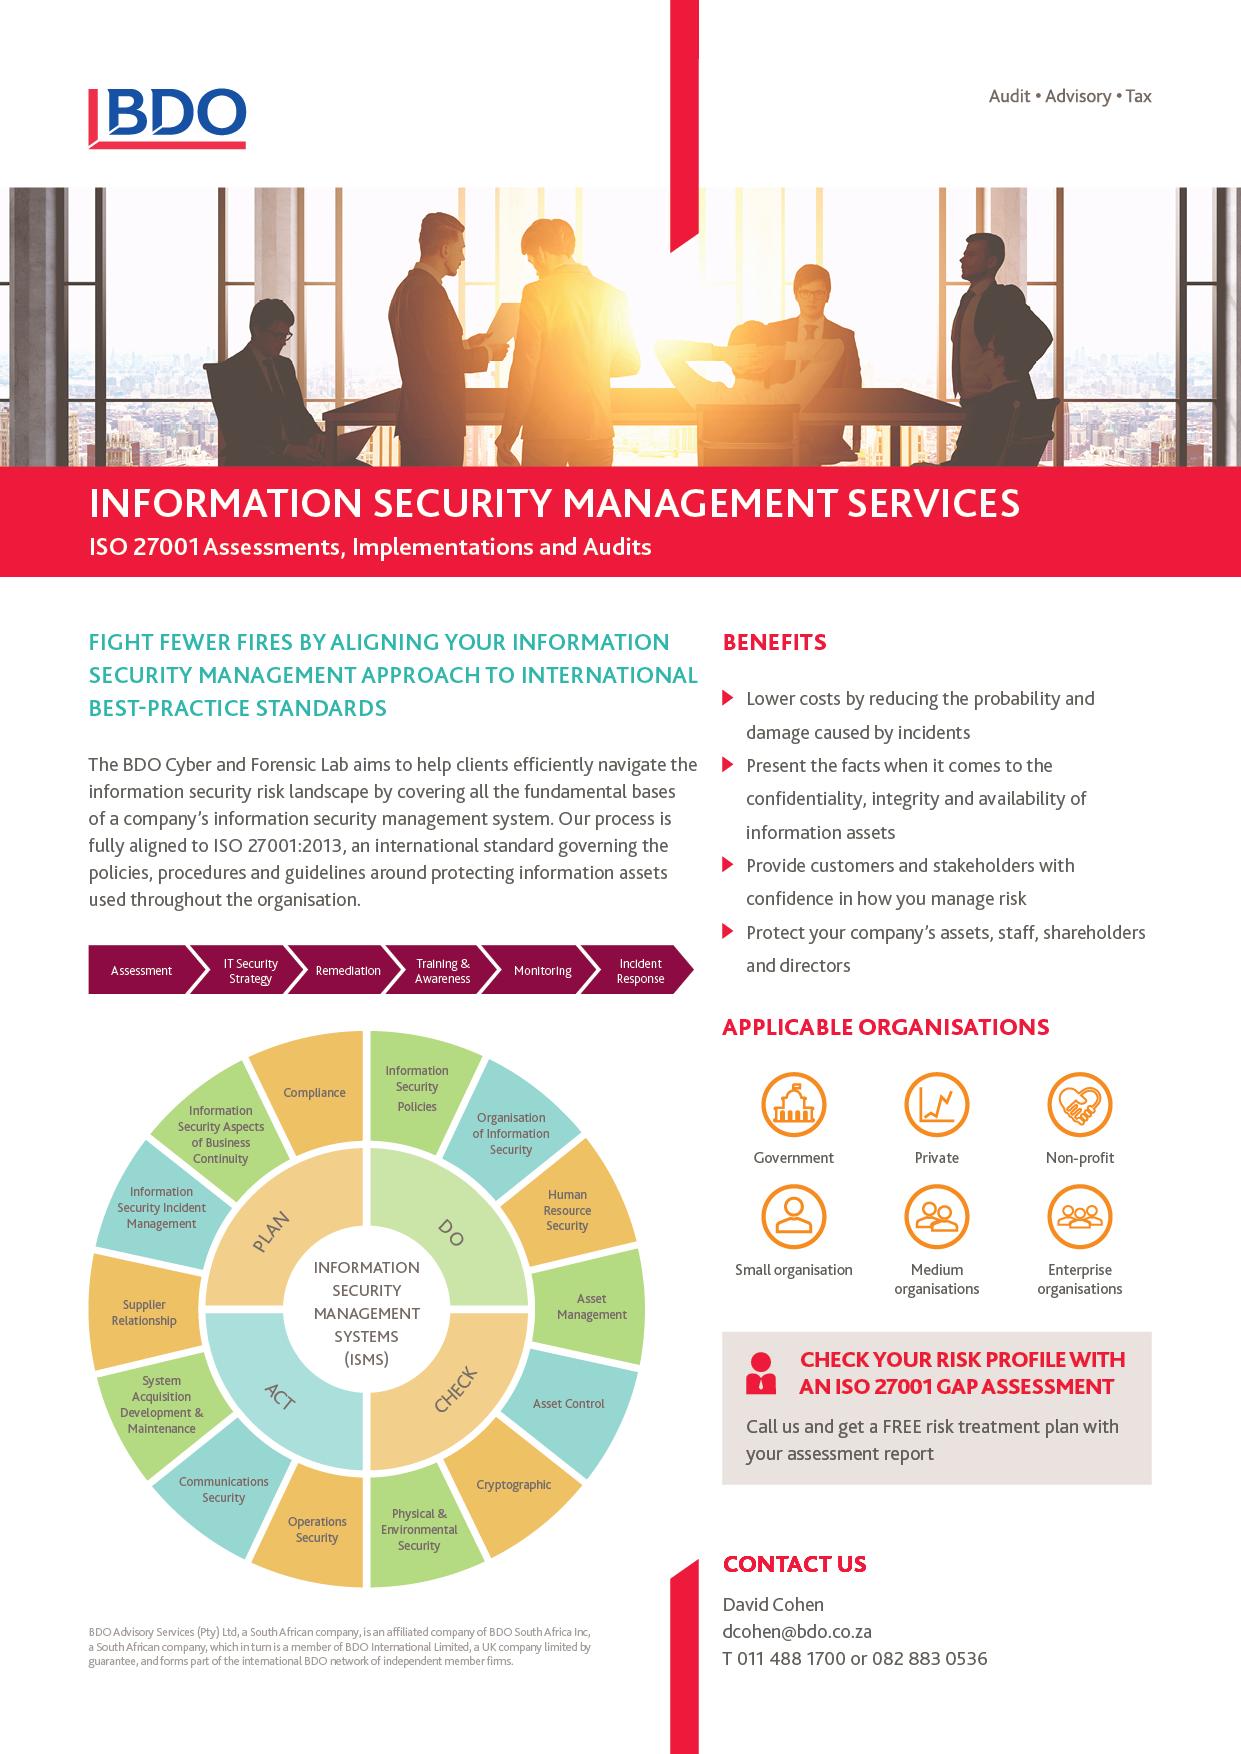 Top Information Security Websites